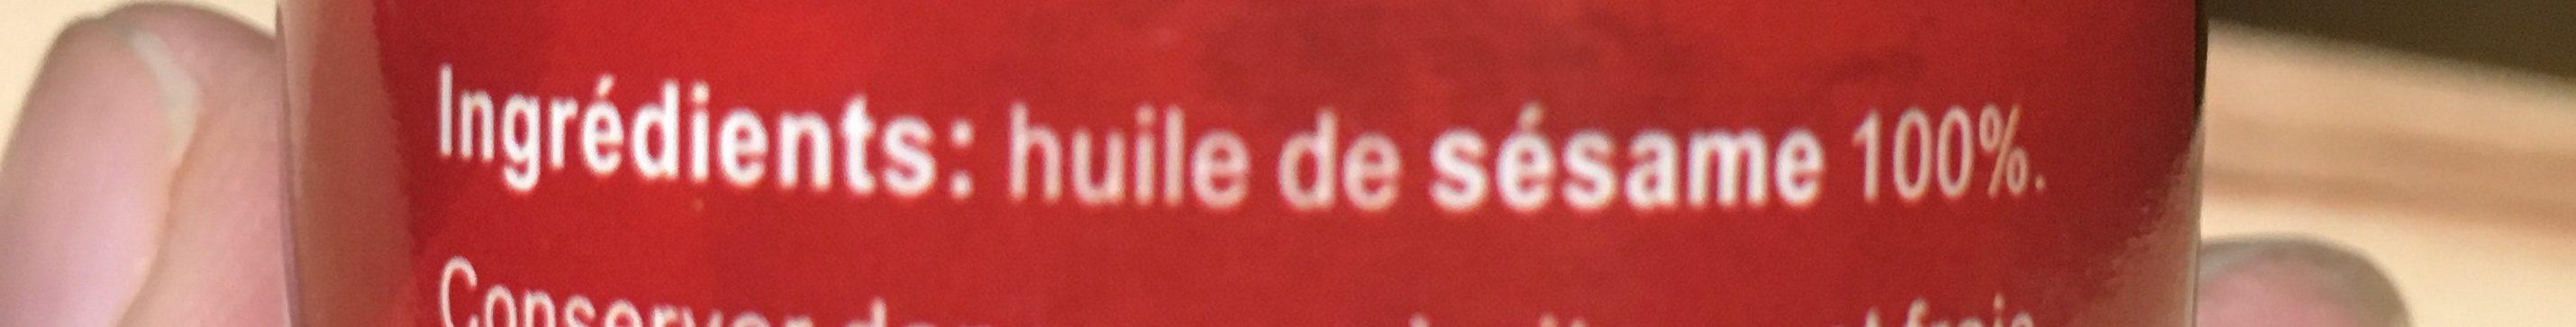 Huile de sésame 100% - Ingrédients - fr